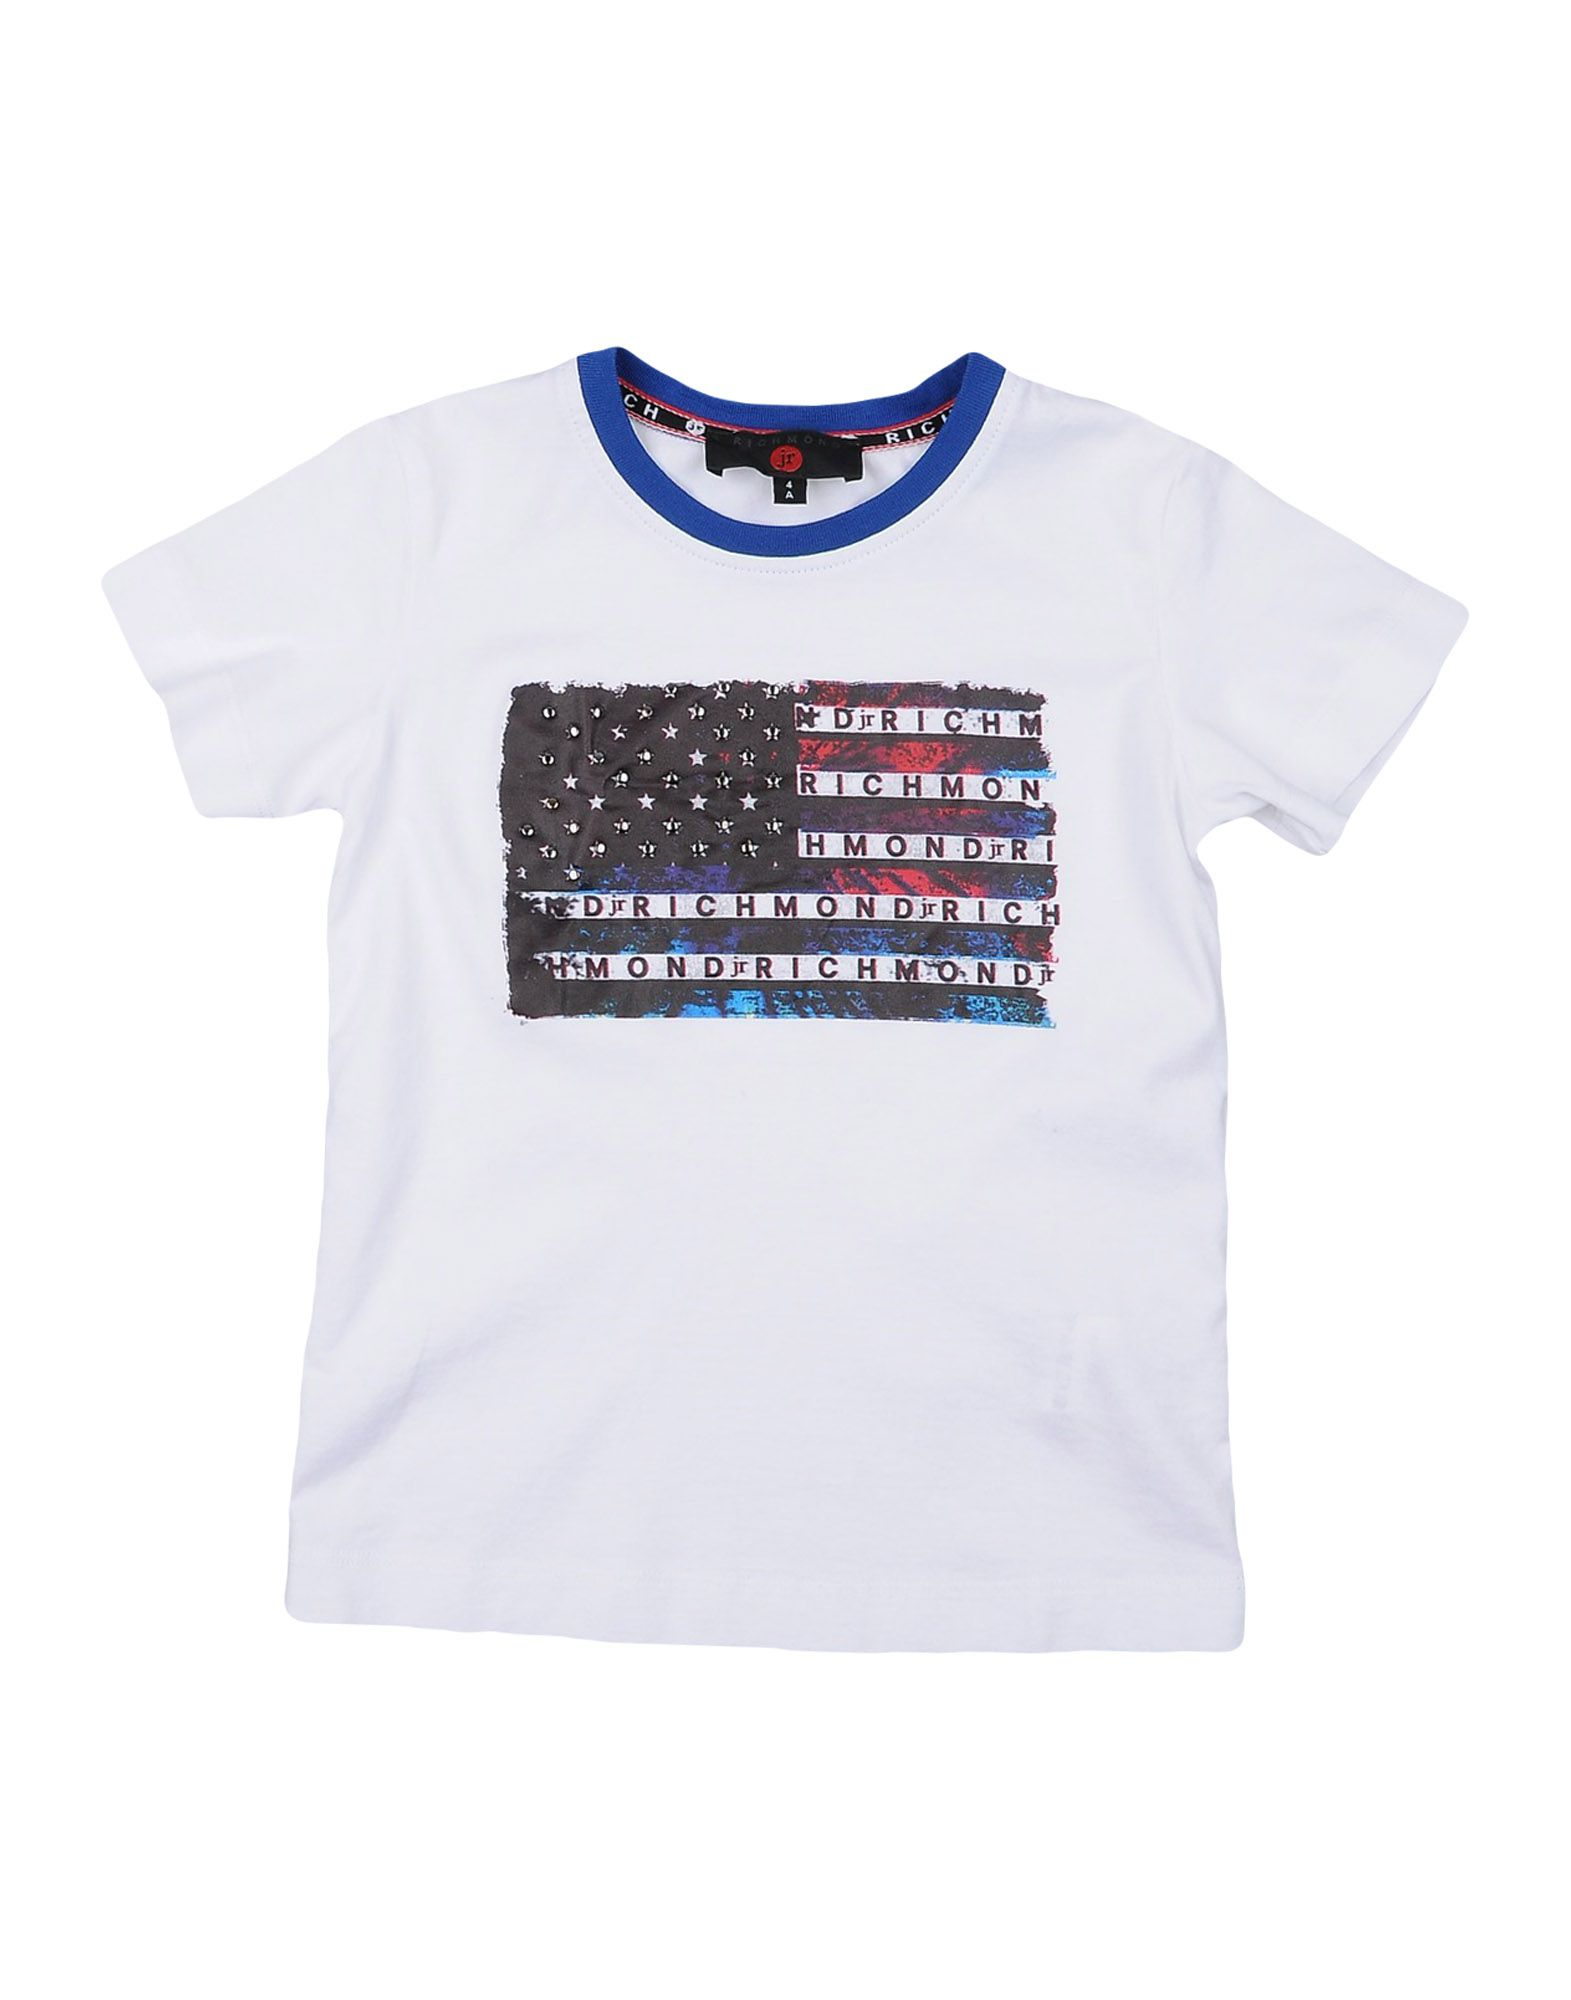 RICHMOND JR Tshirts